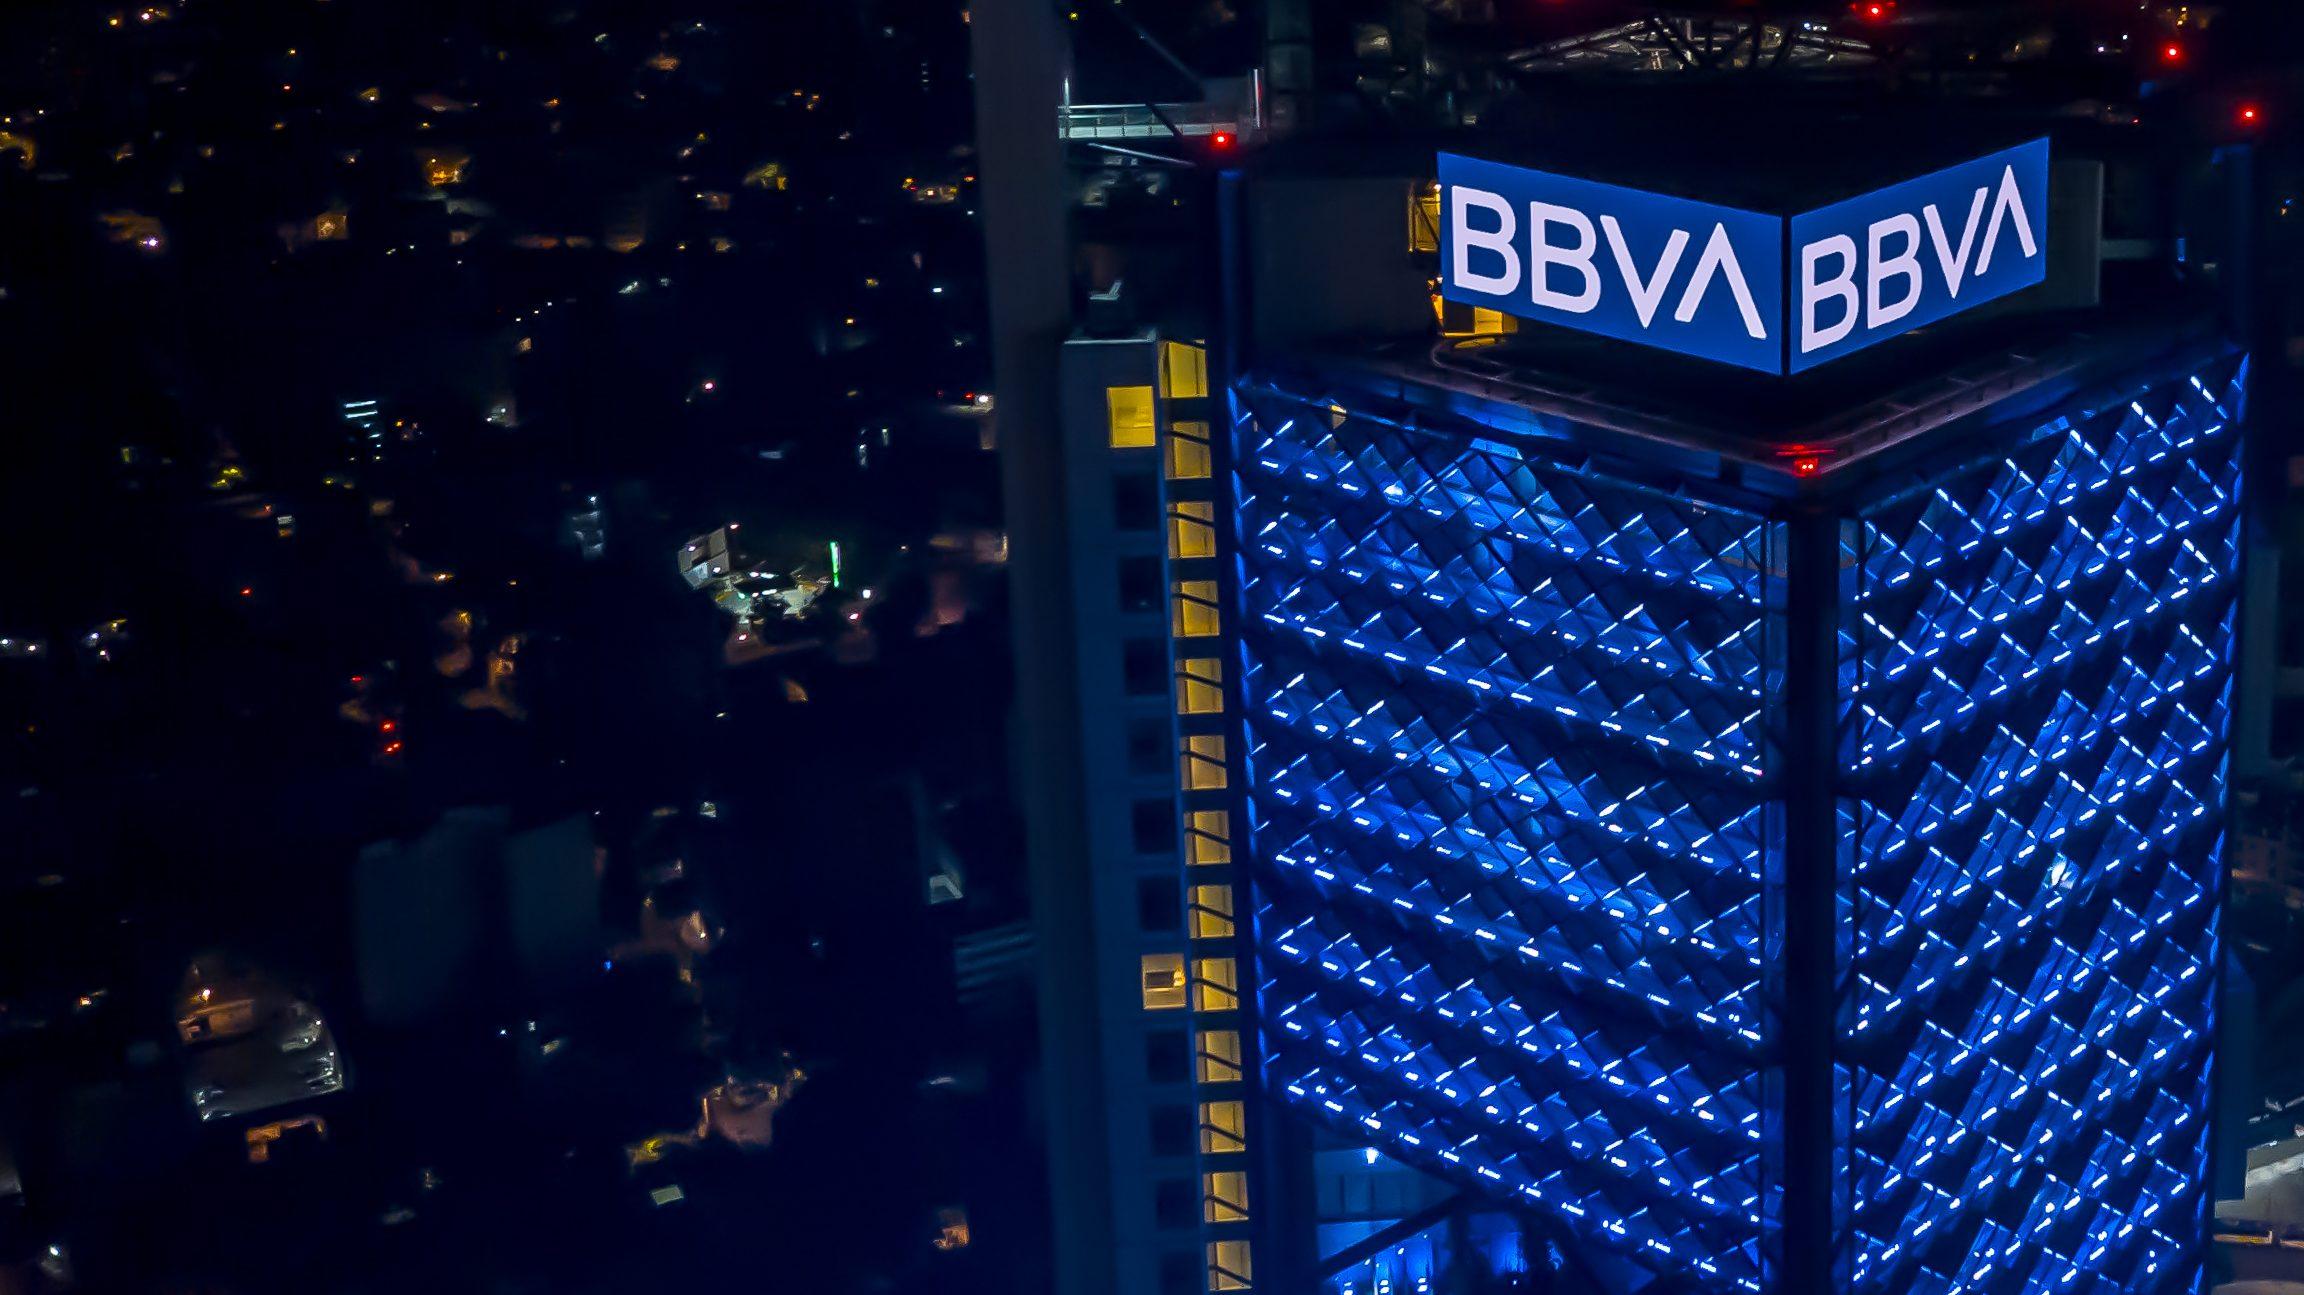 Banco BBVA Bancomer: La historia detrás de uno de los mejores bancos de México